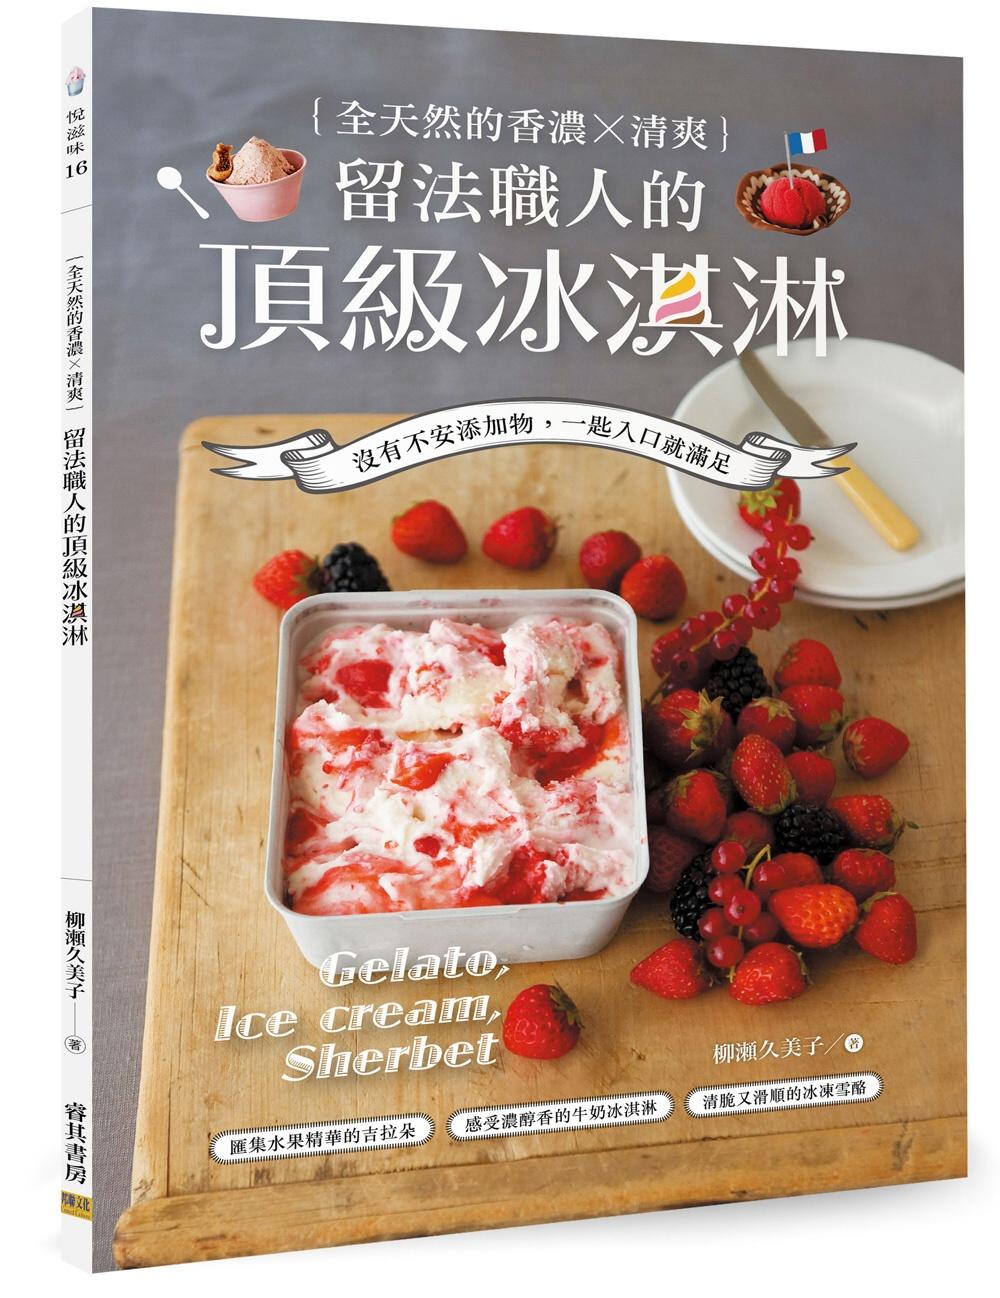 留法職人的頂級冰淇淋:全天然的香濃×清爽